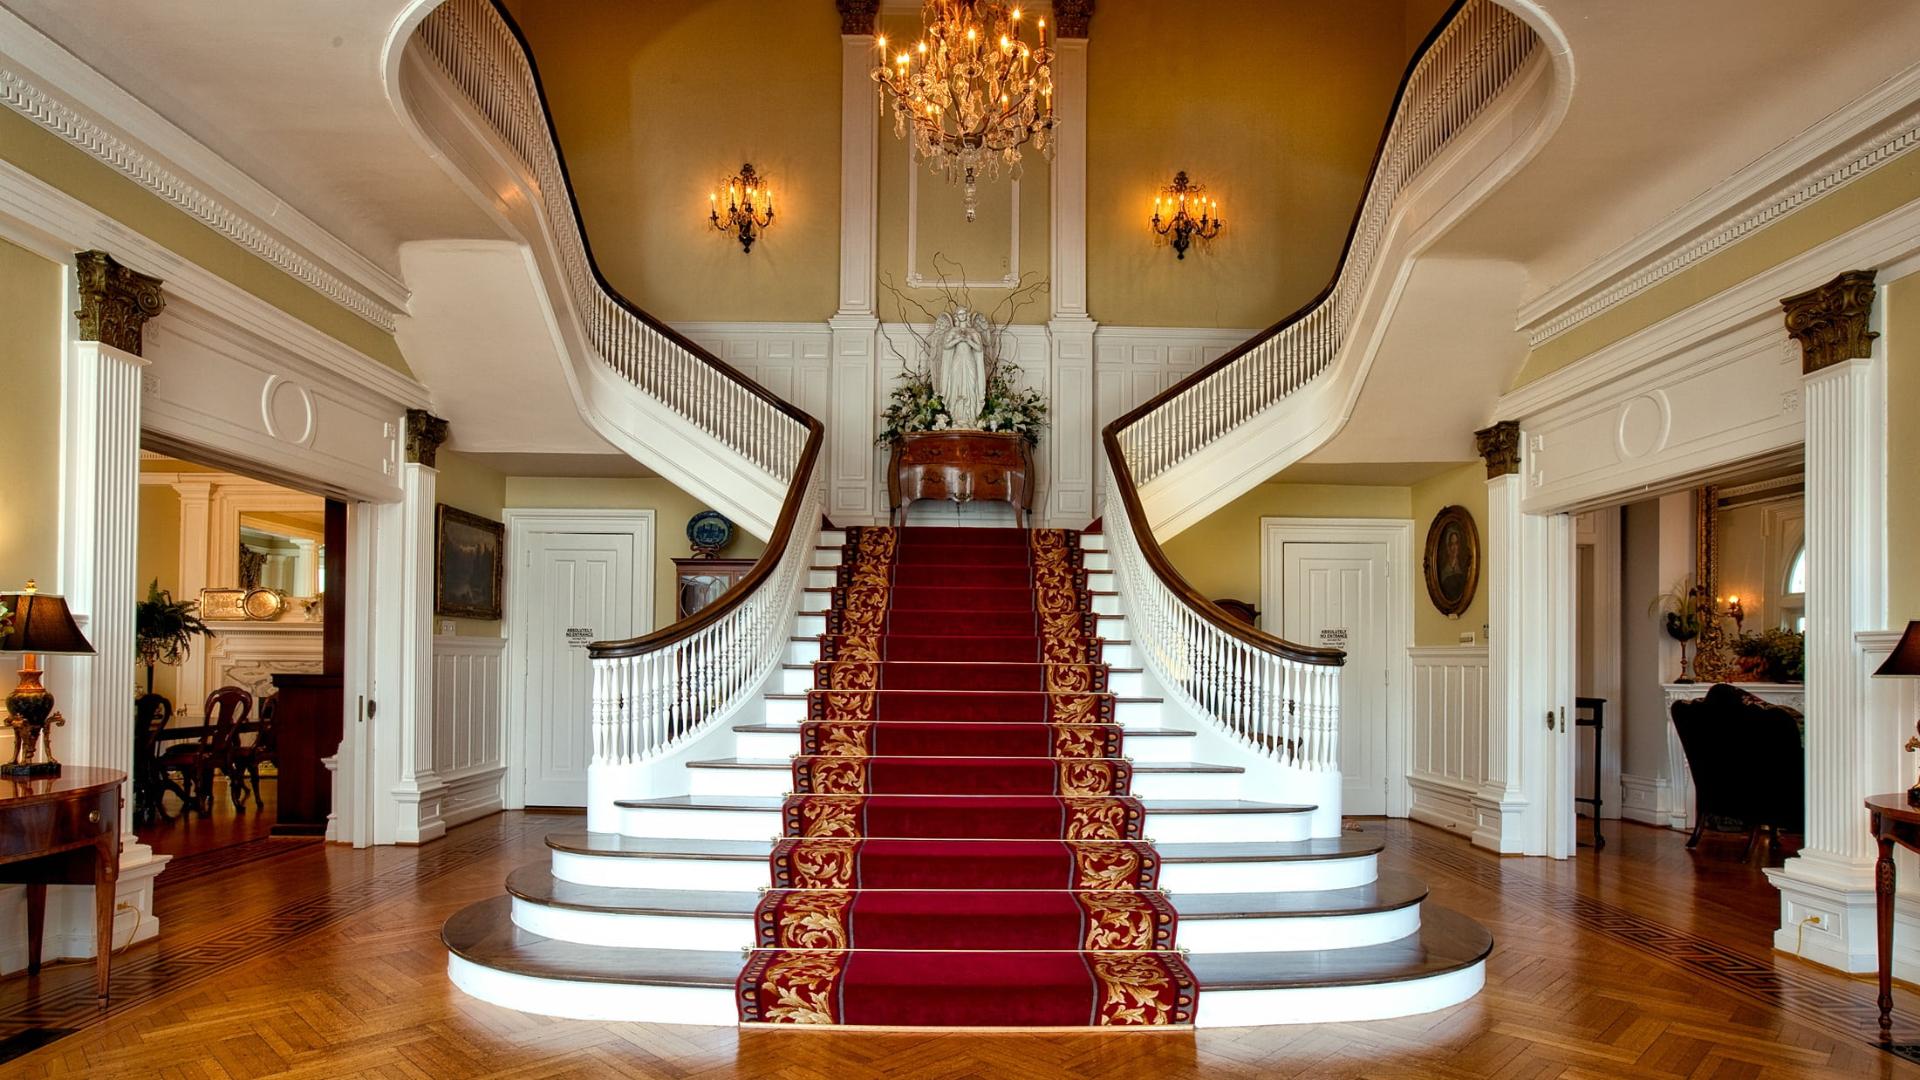 Best Chandelier for Foyer